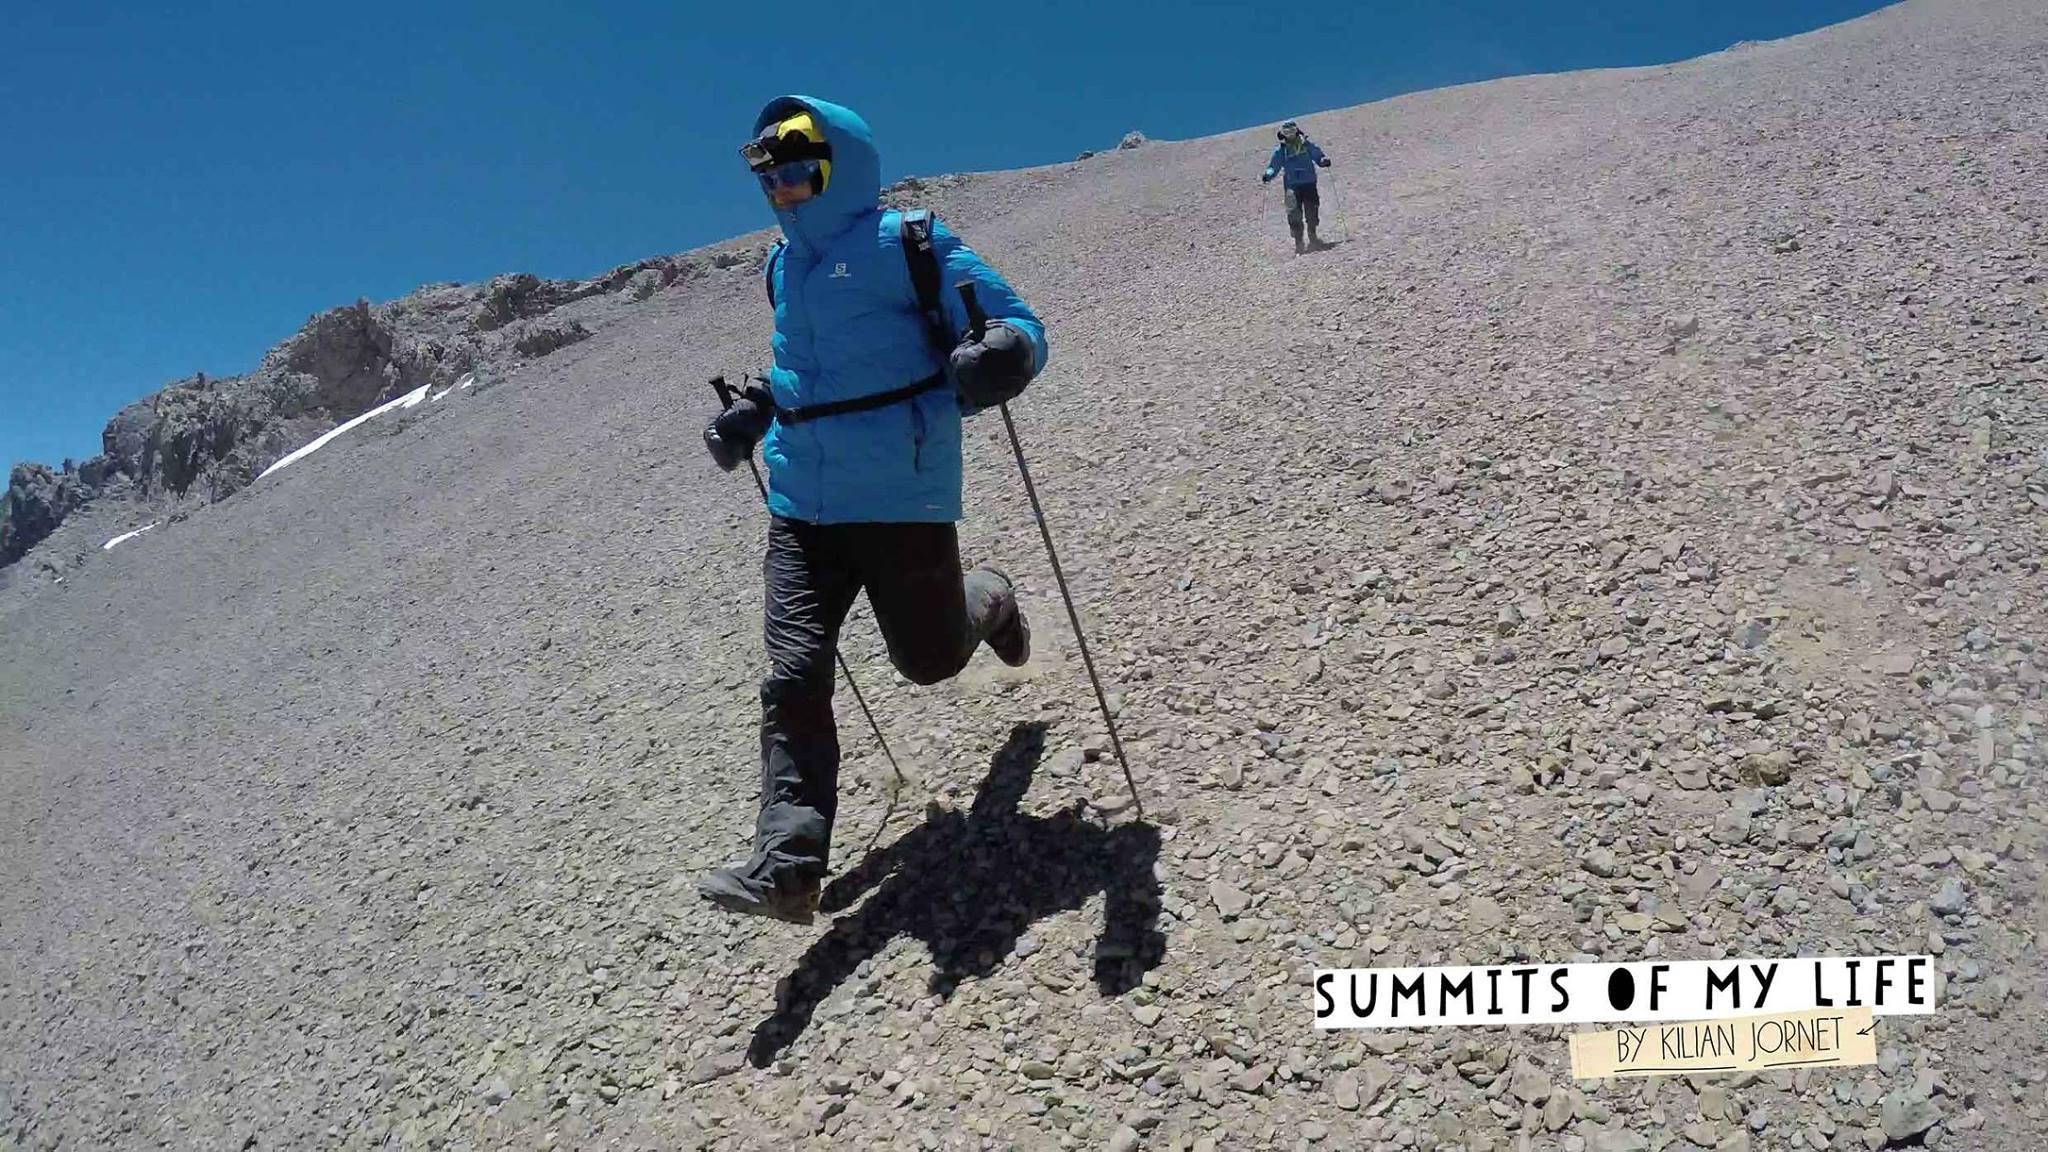 kilan-route-at-aconcagua-record-05